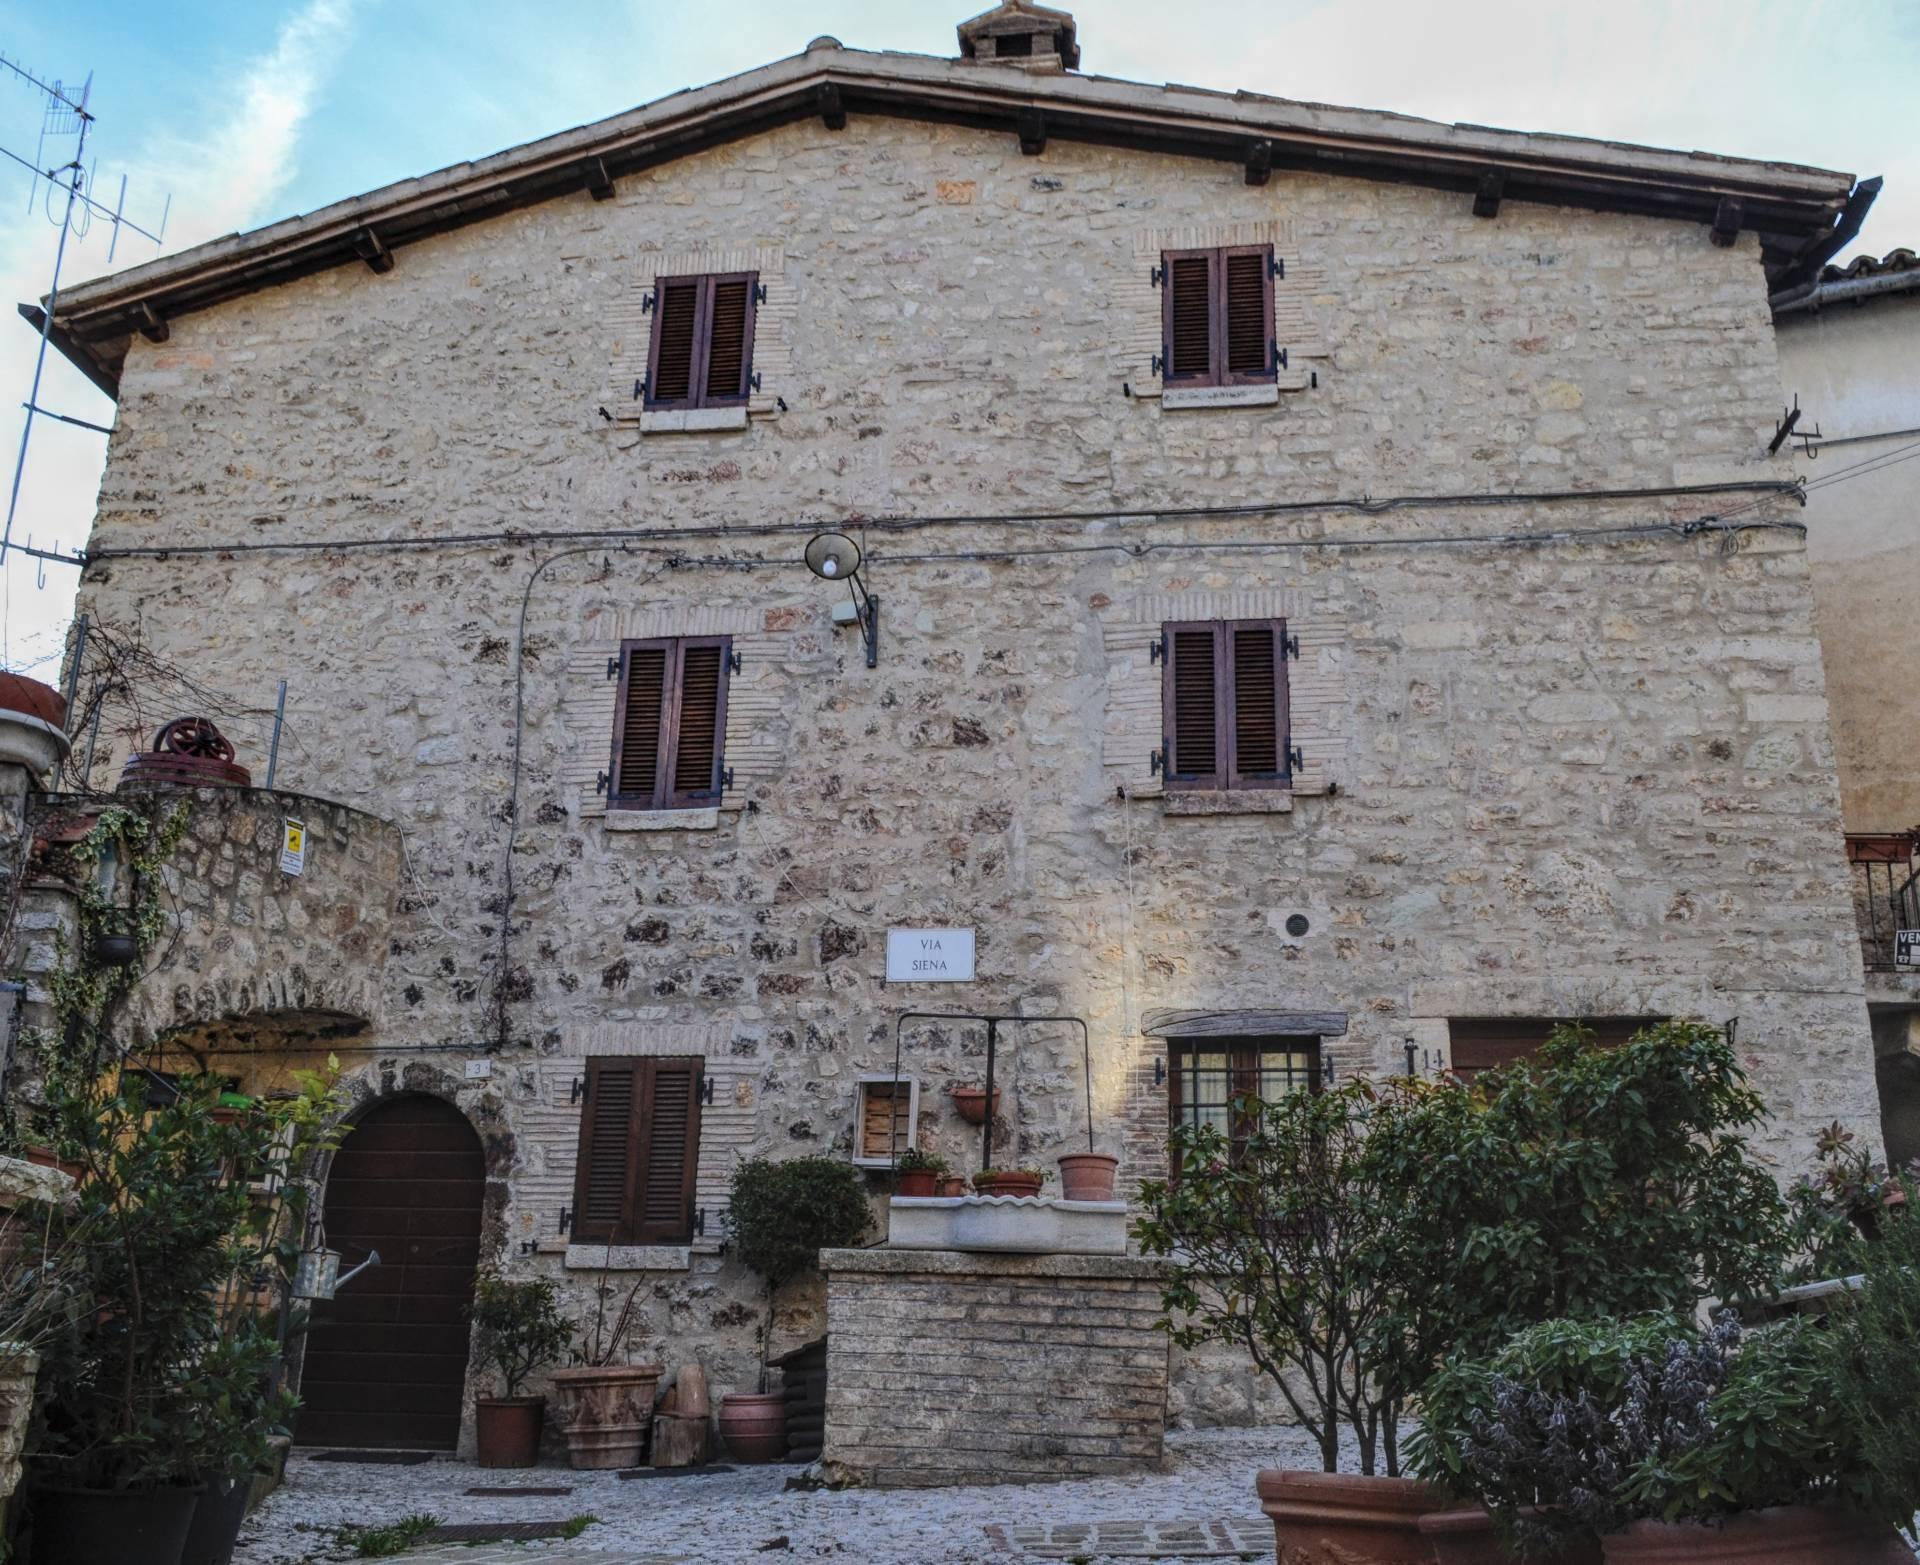 Soluzione Semindipendente in vendita a Montefranco, 8 locali, prezzo € 130.000 | CambioCasa.it